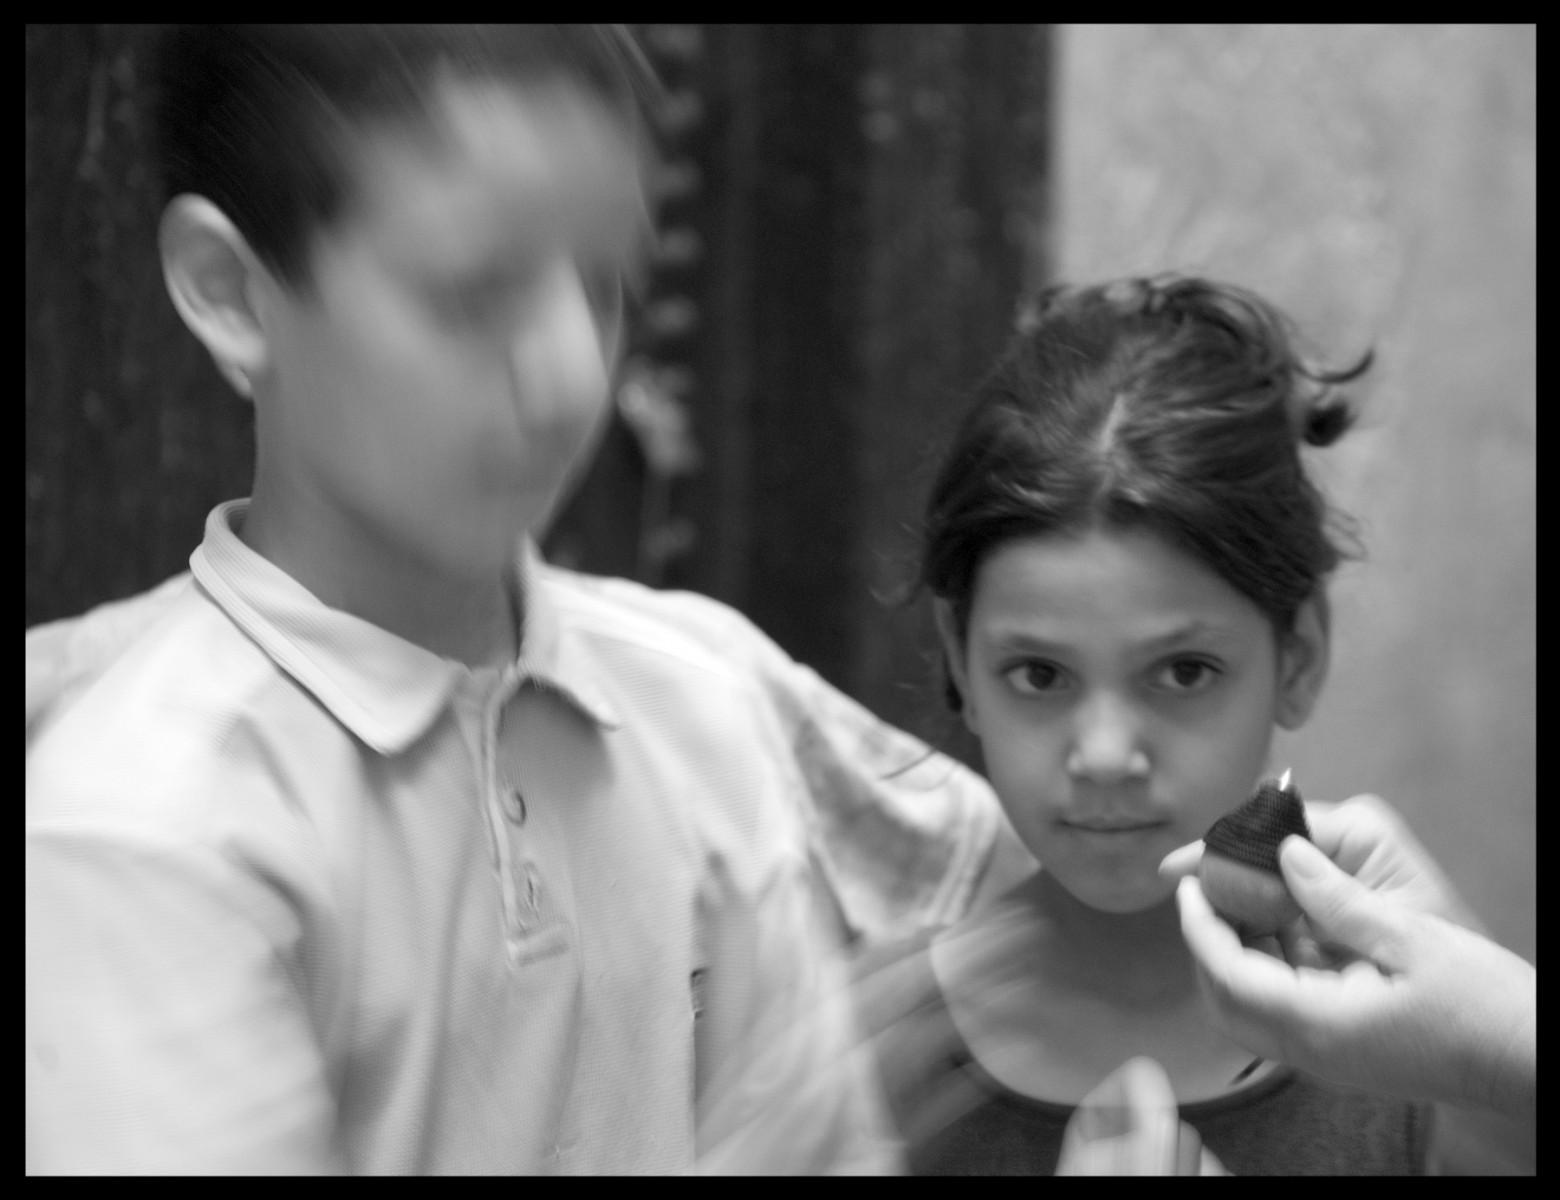 94816_DSC0126 children play bw